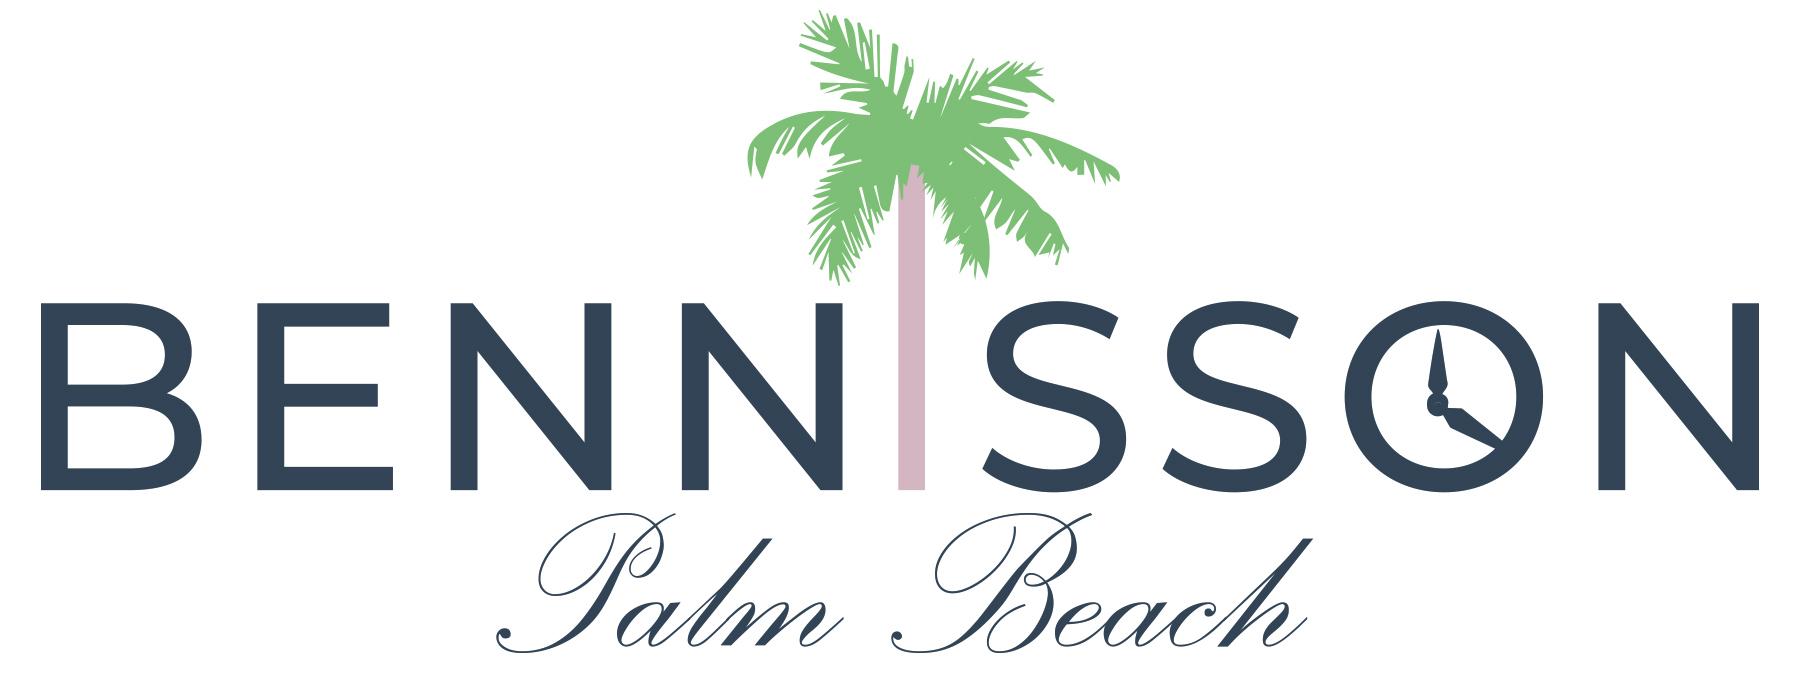 BennissonPB_Logo_Final